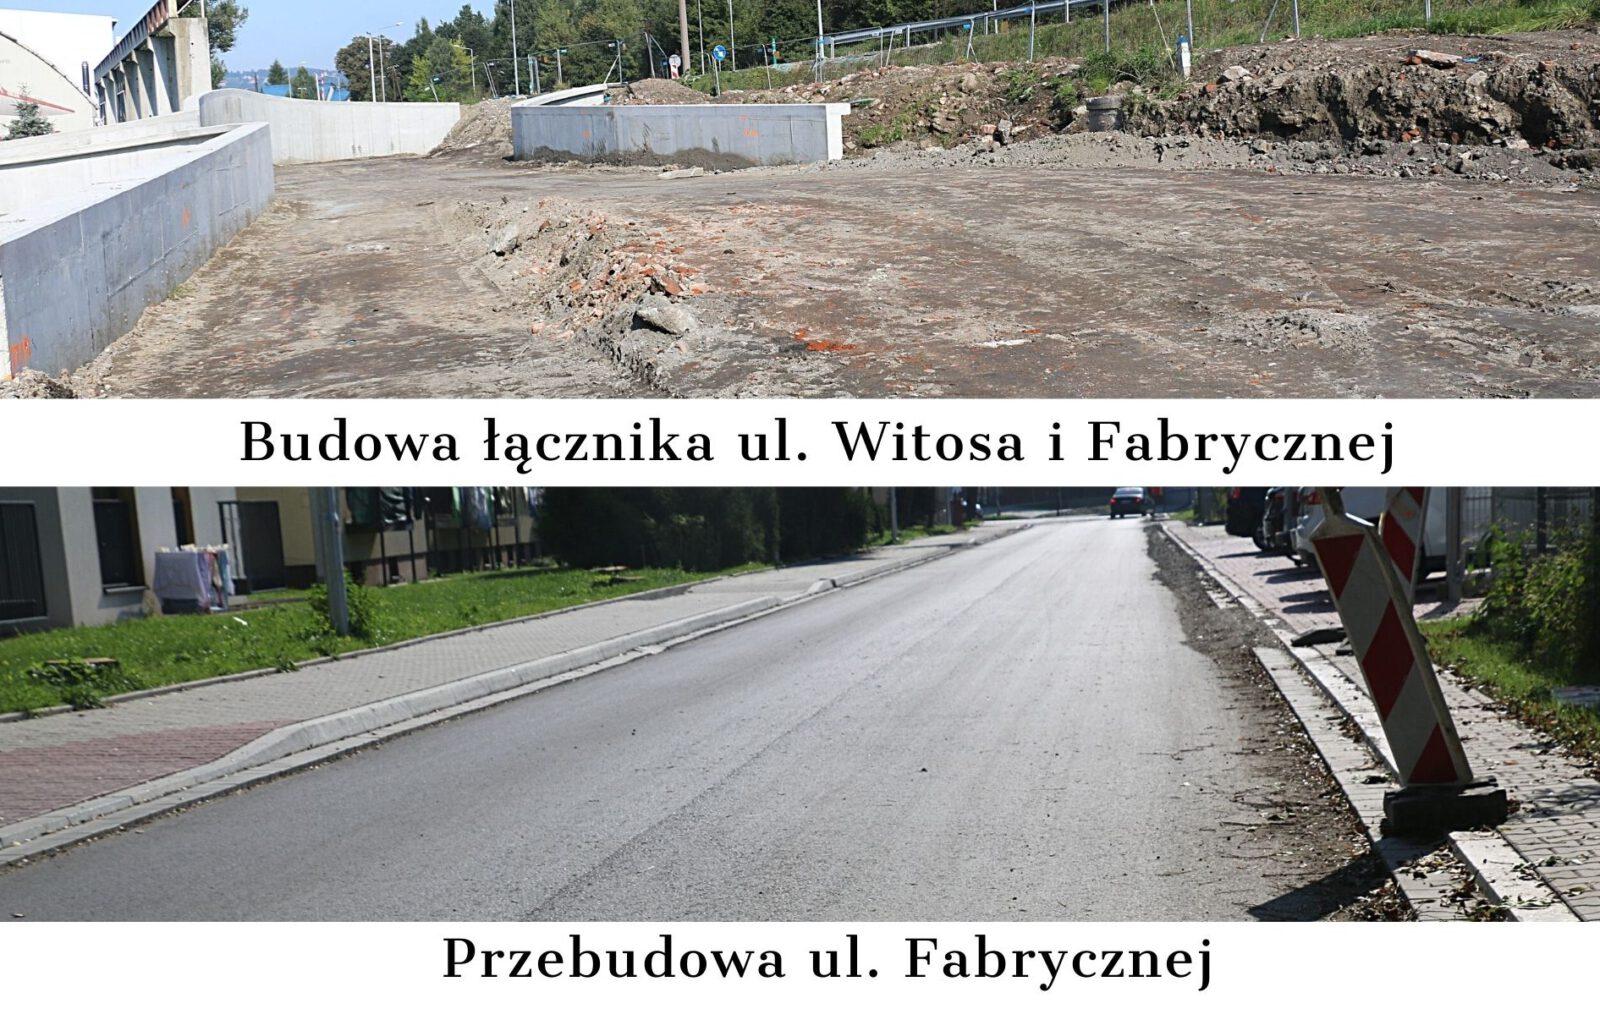 Zdjęcia przedstawiające inwestycje dotyczące budowy łącznika ulic Witosa i Fabrycznej oraz przebudowy ulicy Fabrycznej